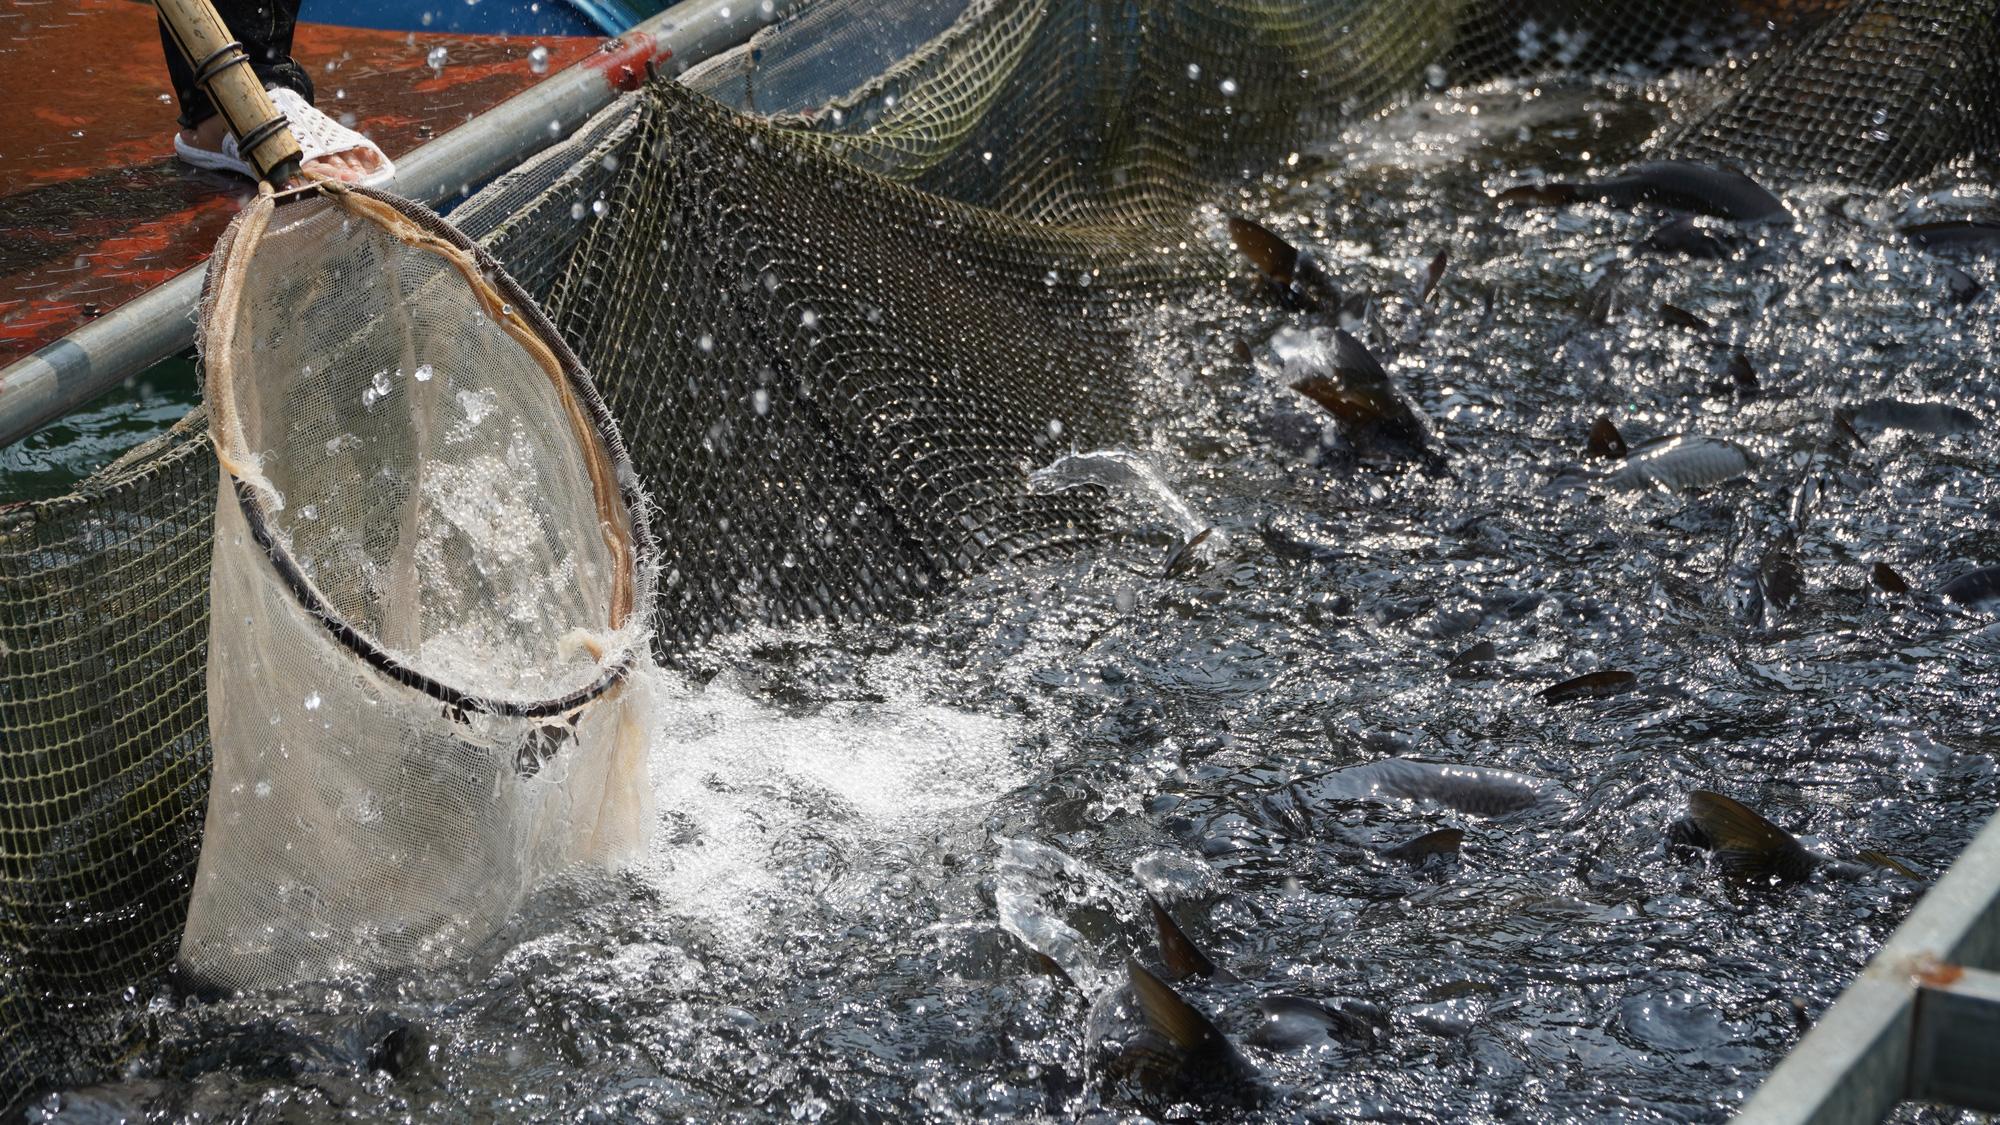 Thu 40 tỷ nhờ nuôi cá đặc sản trên lòng hồ  - Ảnh 3.